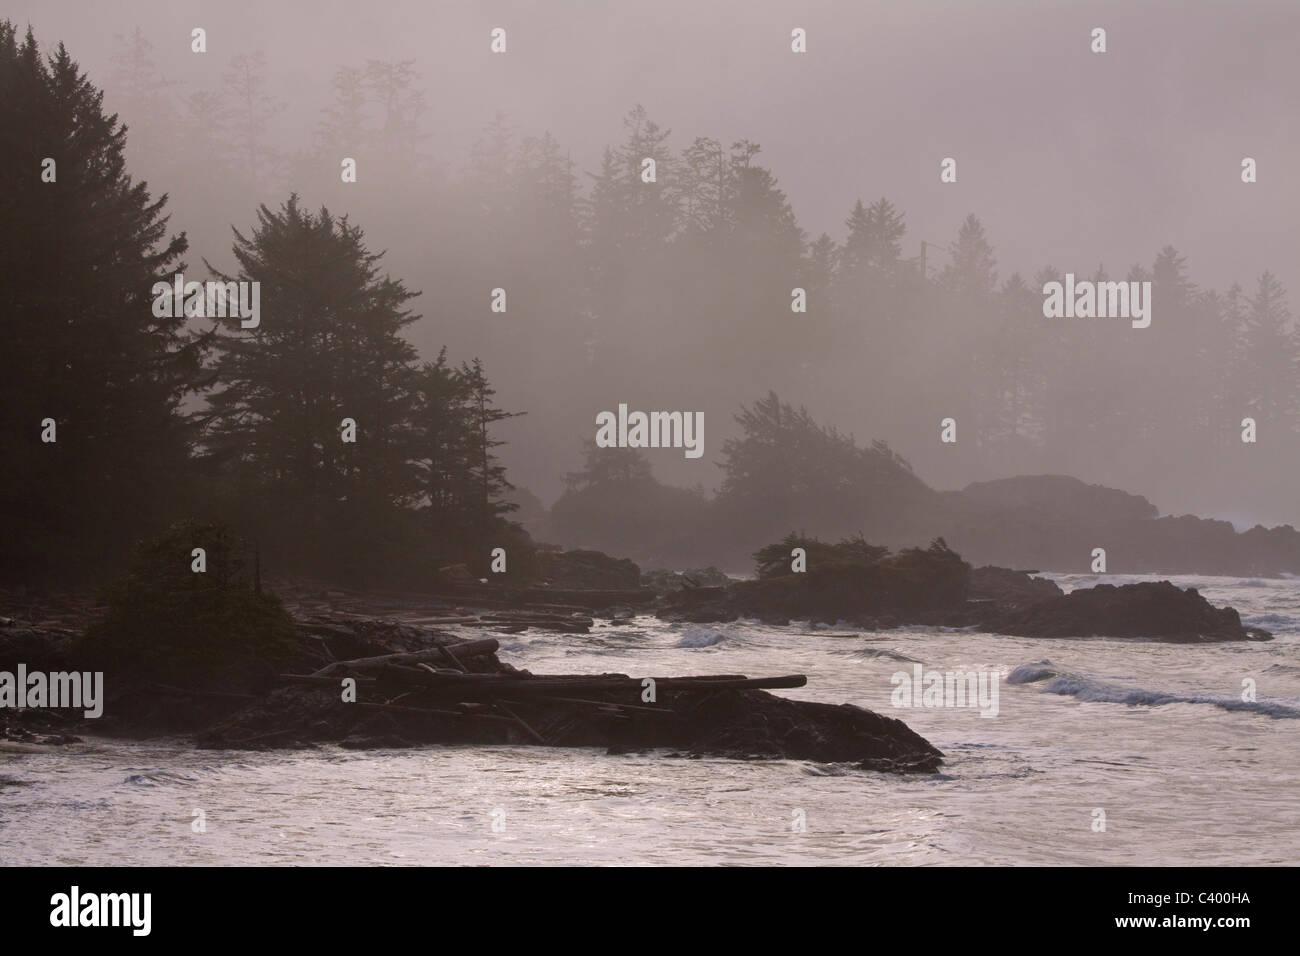 La lumière du soleil filtrée par la brume et les arbres, parc national Pacific Rim, l'île de Vancouver, Colombie-Britannique Banque D'Images